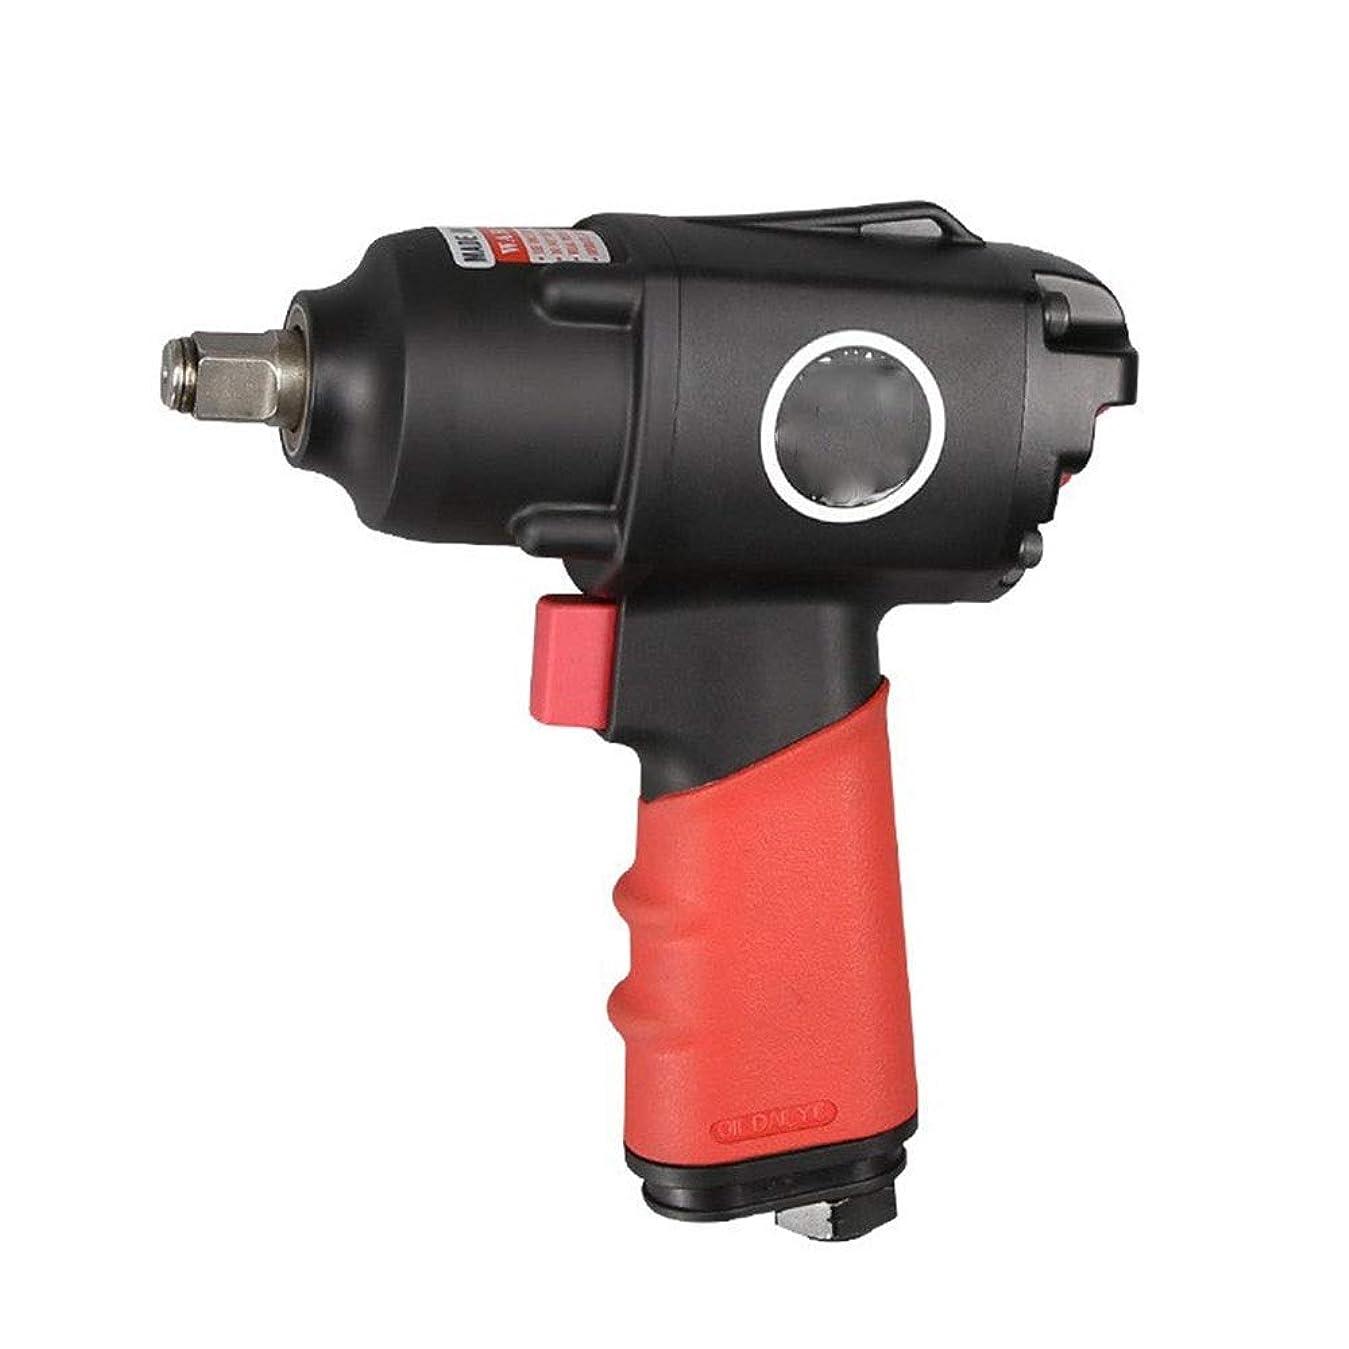 モード抹消じゃない軽い空気圧インパクトレンチ、プラスチック空気圧空気銃工業用グレードのハンドツール ハードウェアツール